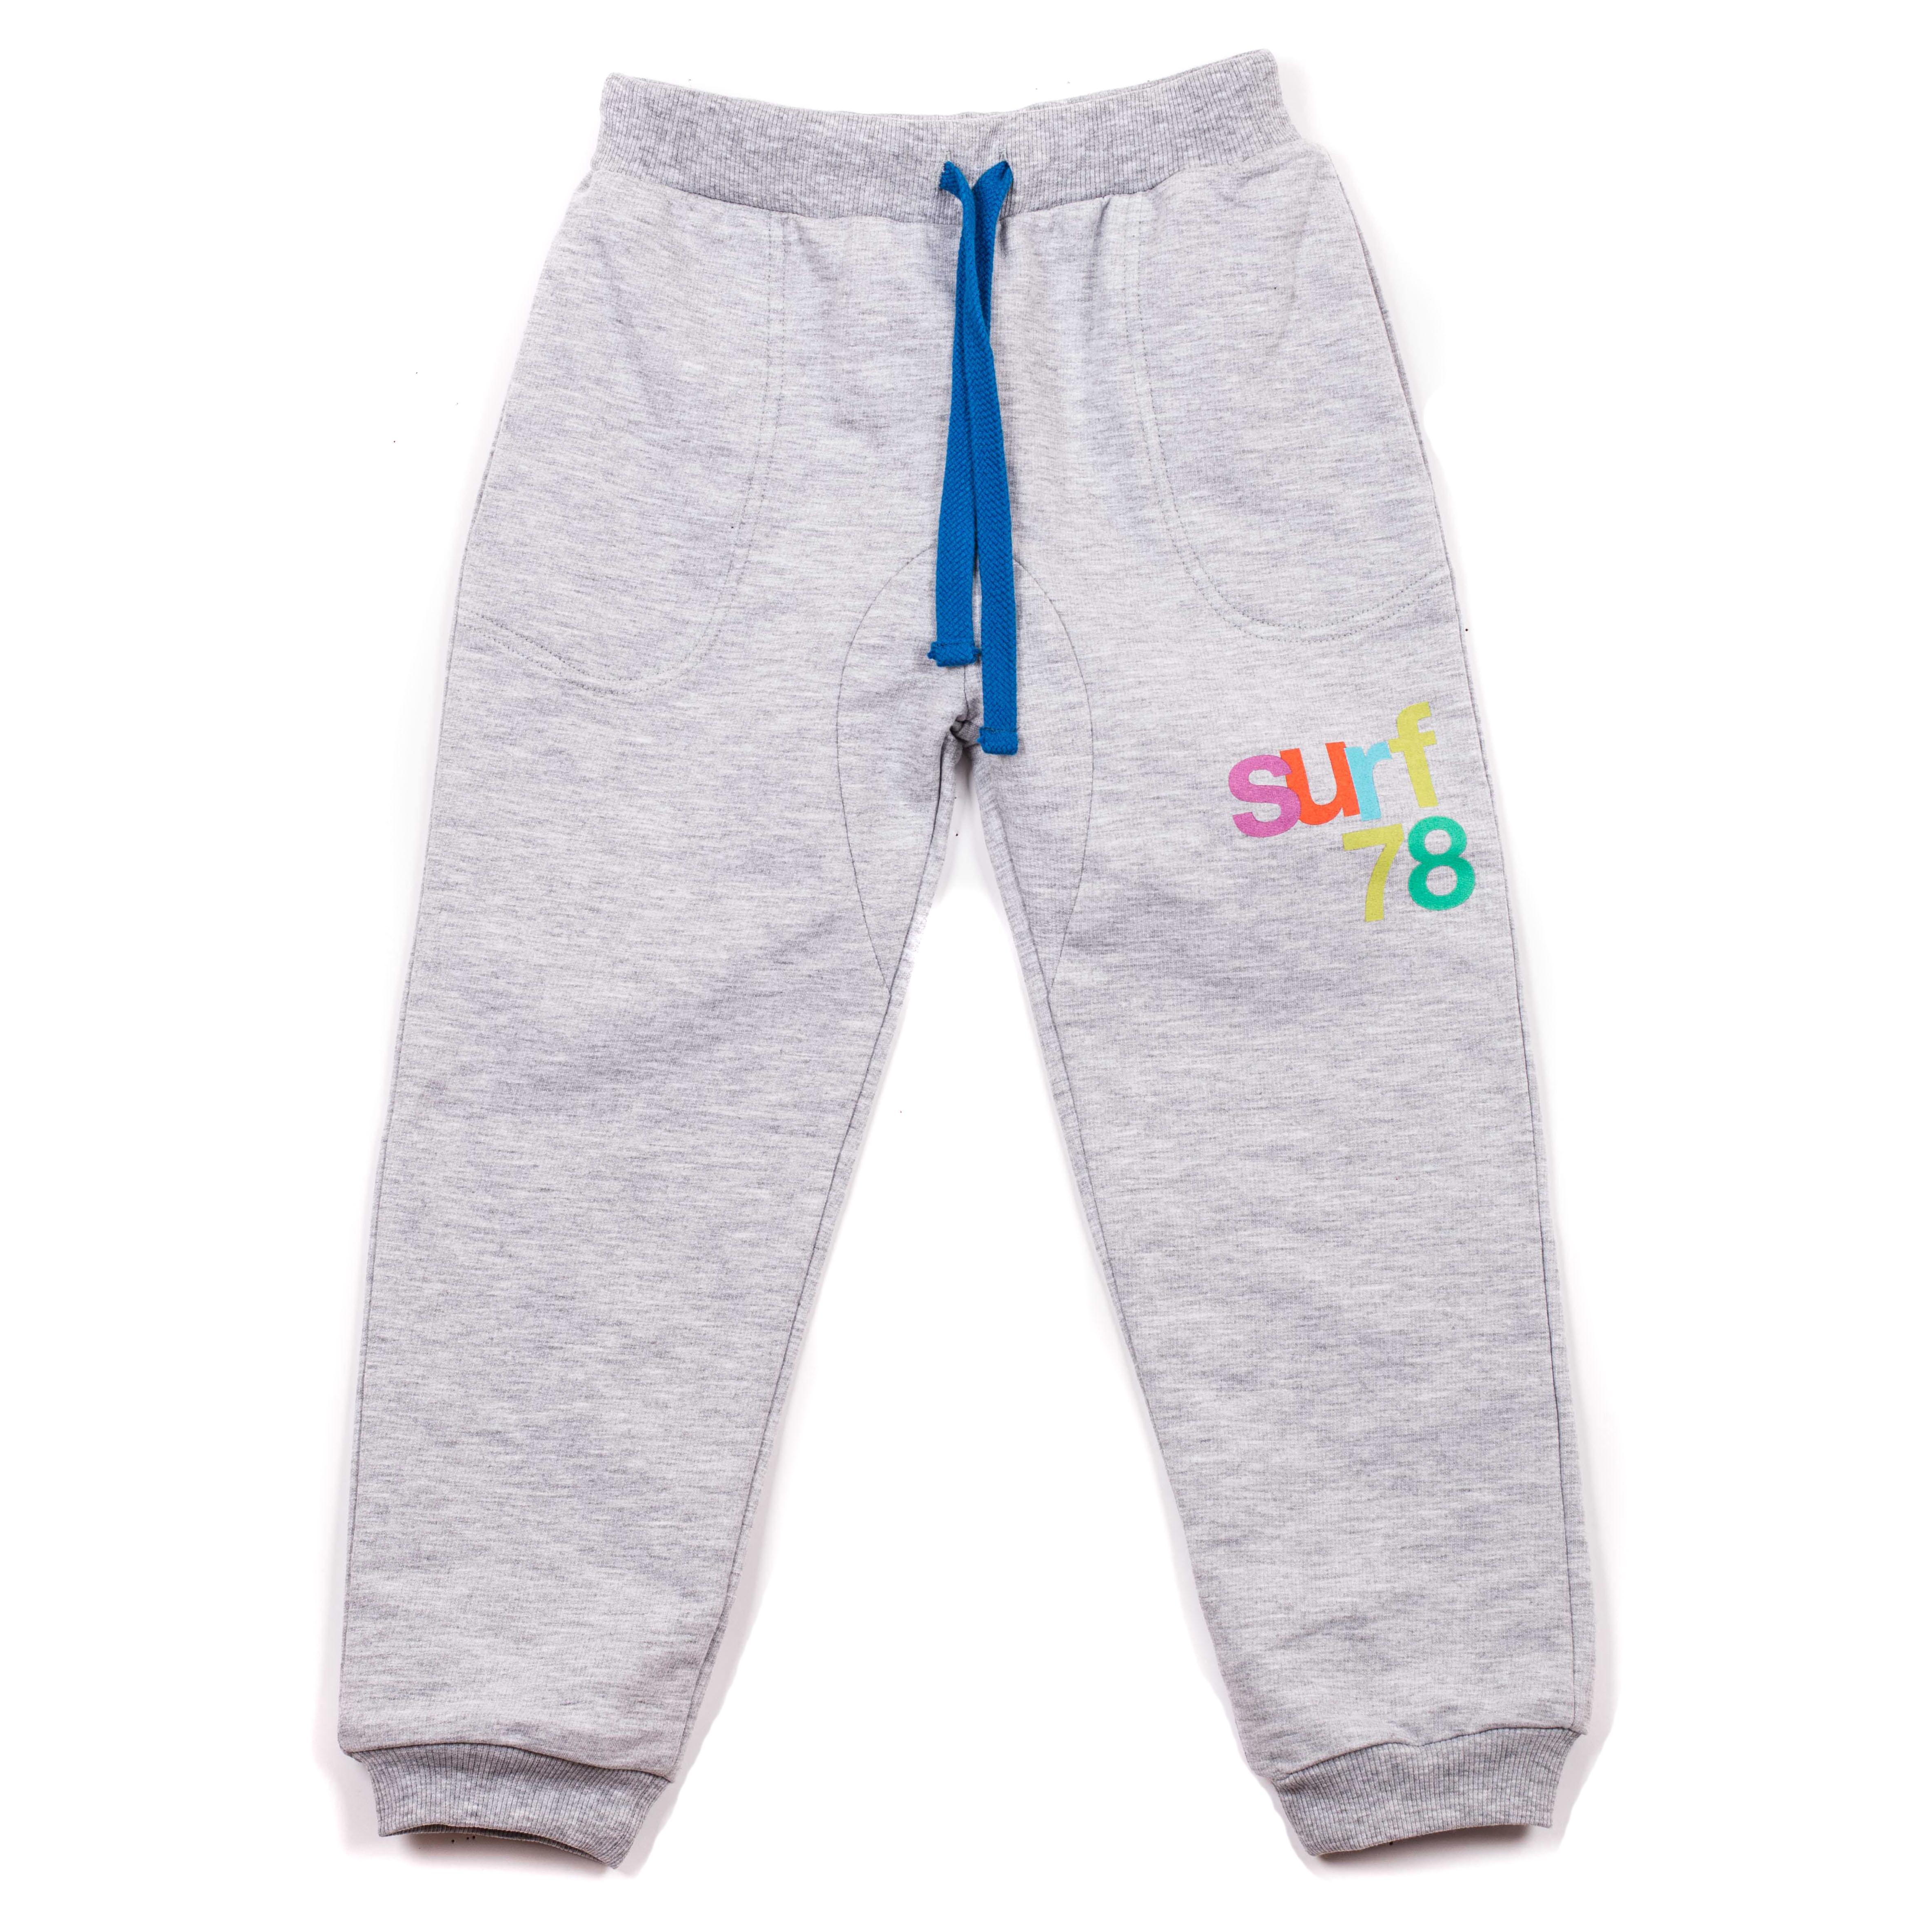 БрюкиZB 10216-MУдобные брюки для мальчика